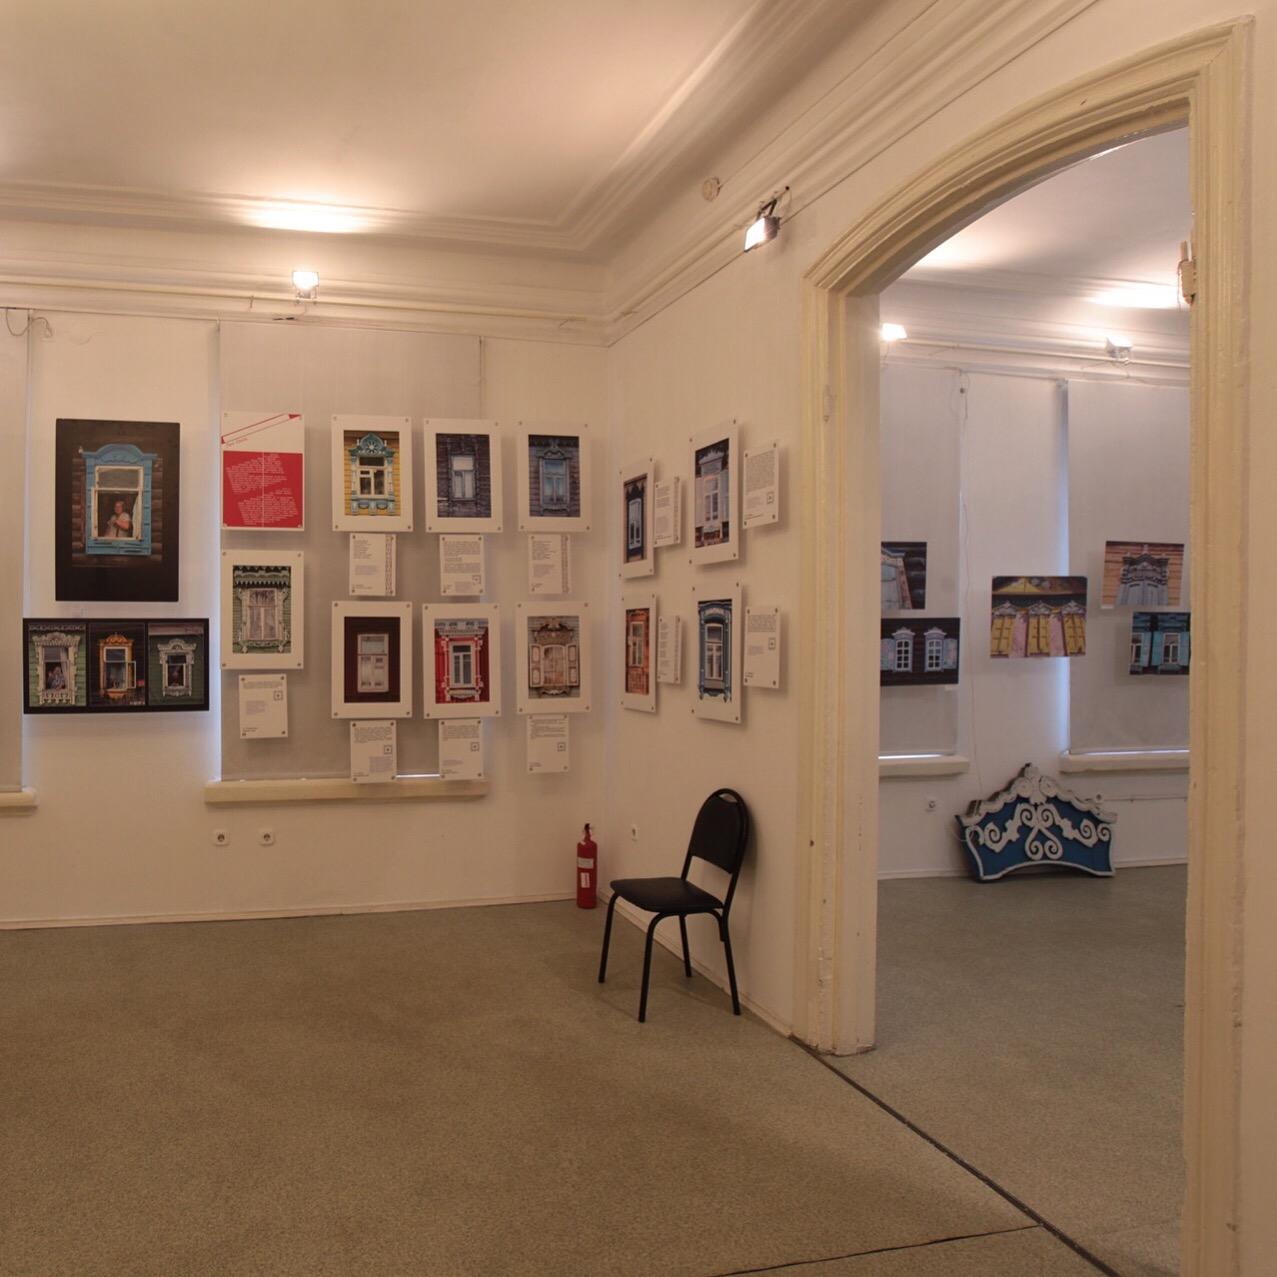 выставка музея резных наличников в Улан-Удэ